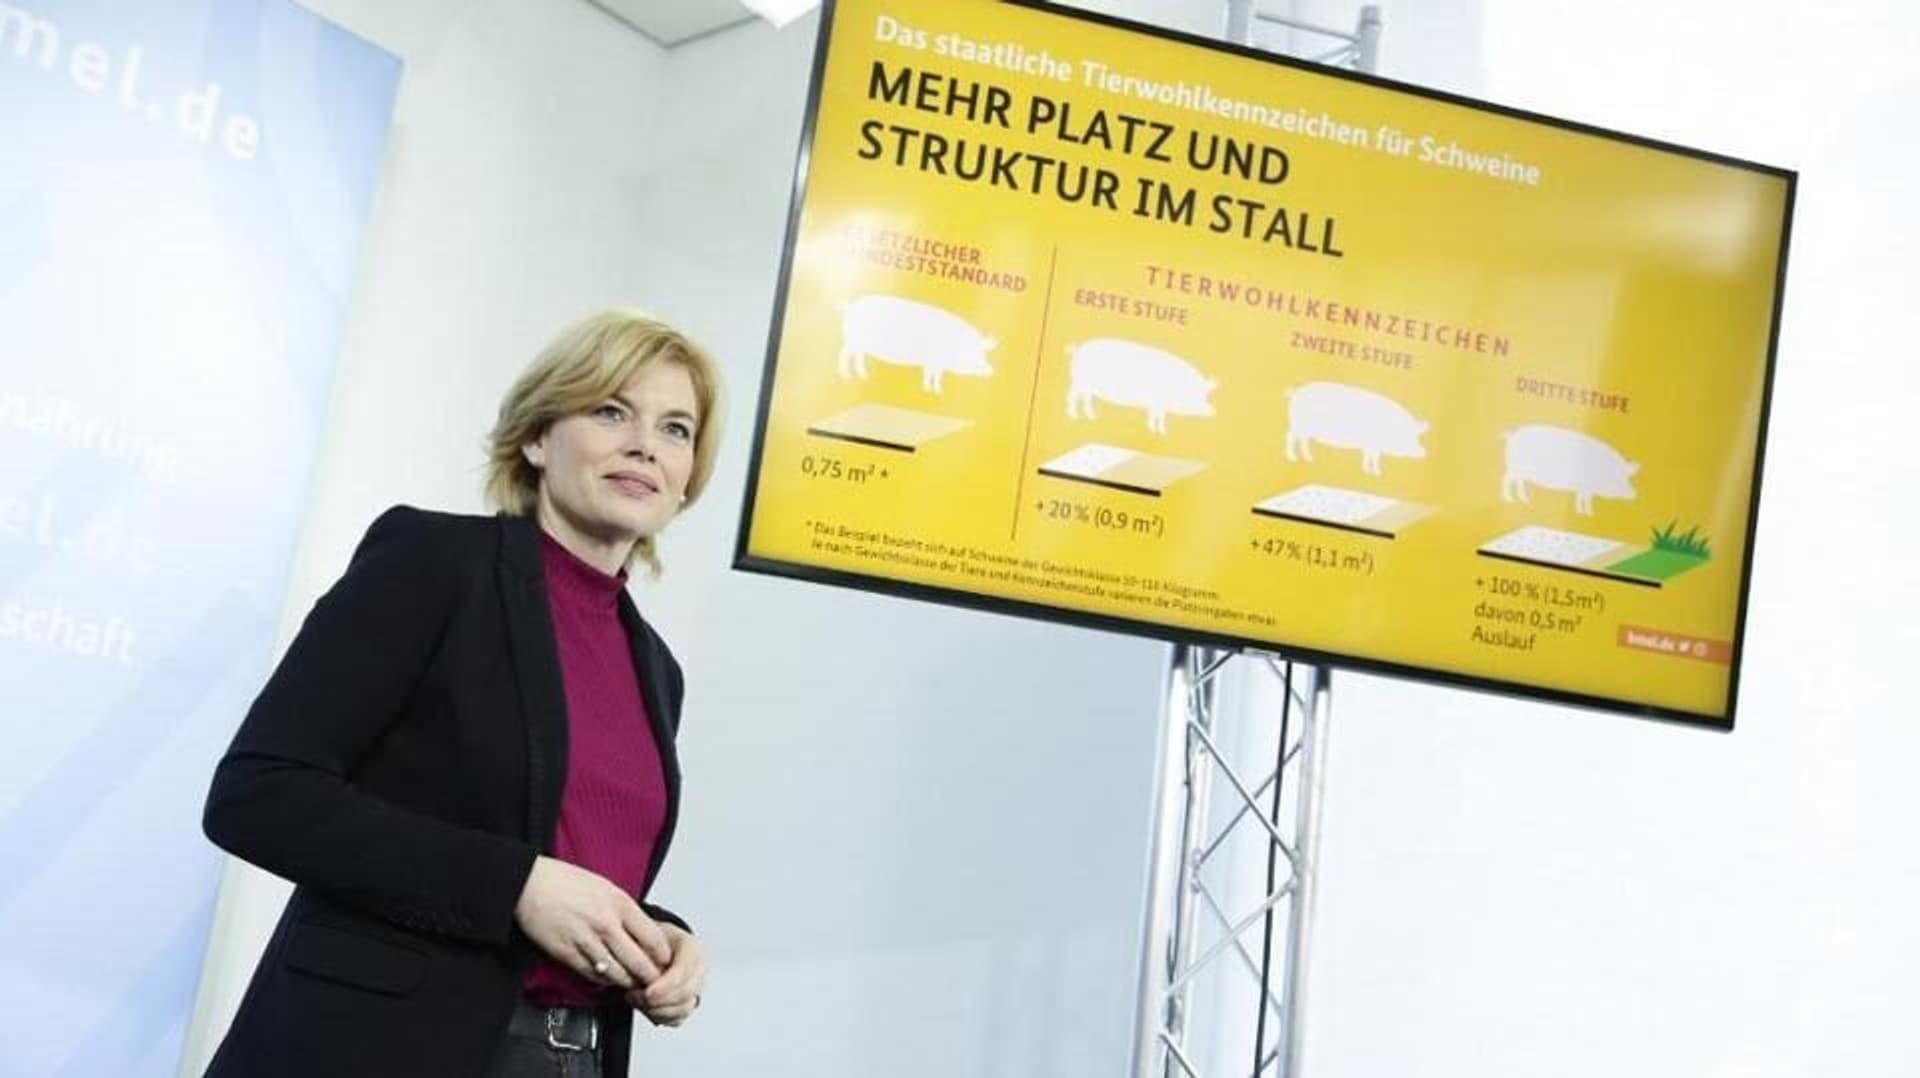 Julia Klöckner bei einer Veranstaltung zum Tierwohl